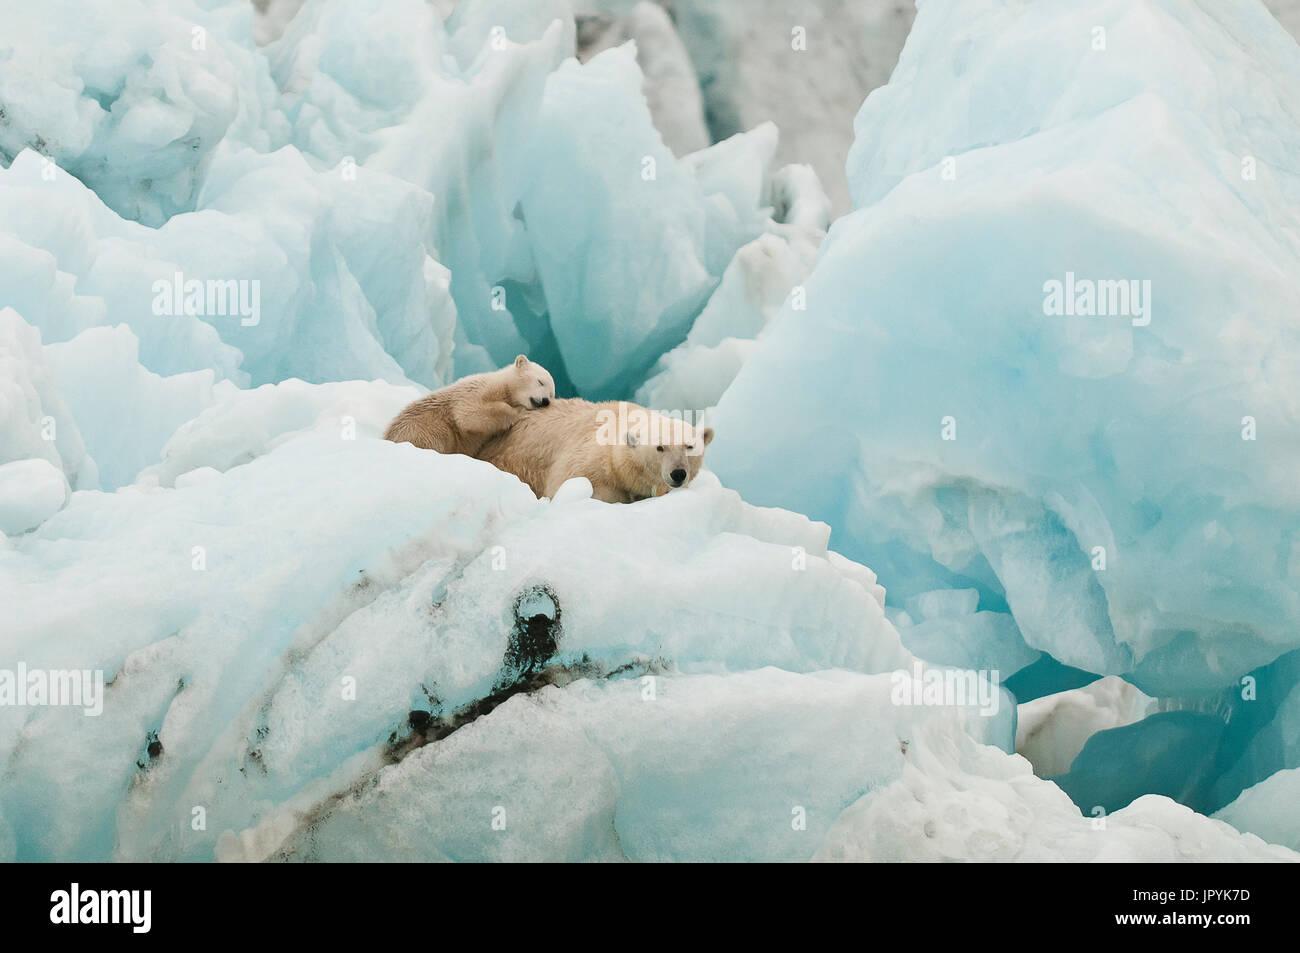 Eisbär und junge ruht auf einem Eisberg - Spitzbergen Stockbild